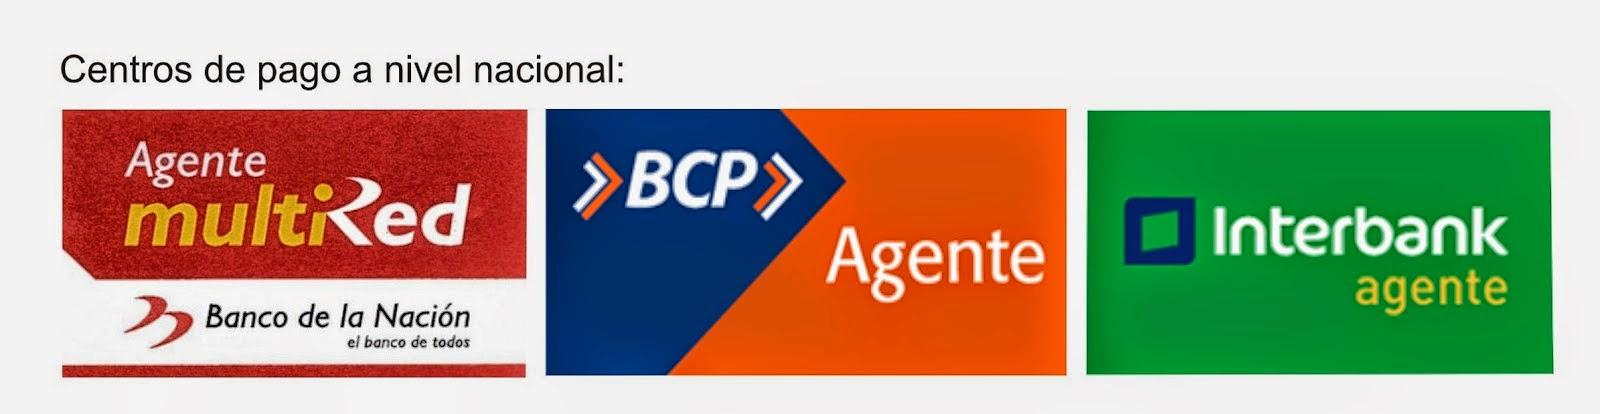 Resultado de imagen para interbank agente bcp